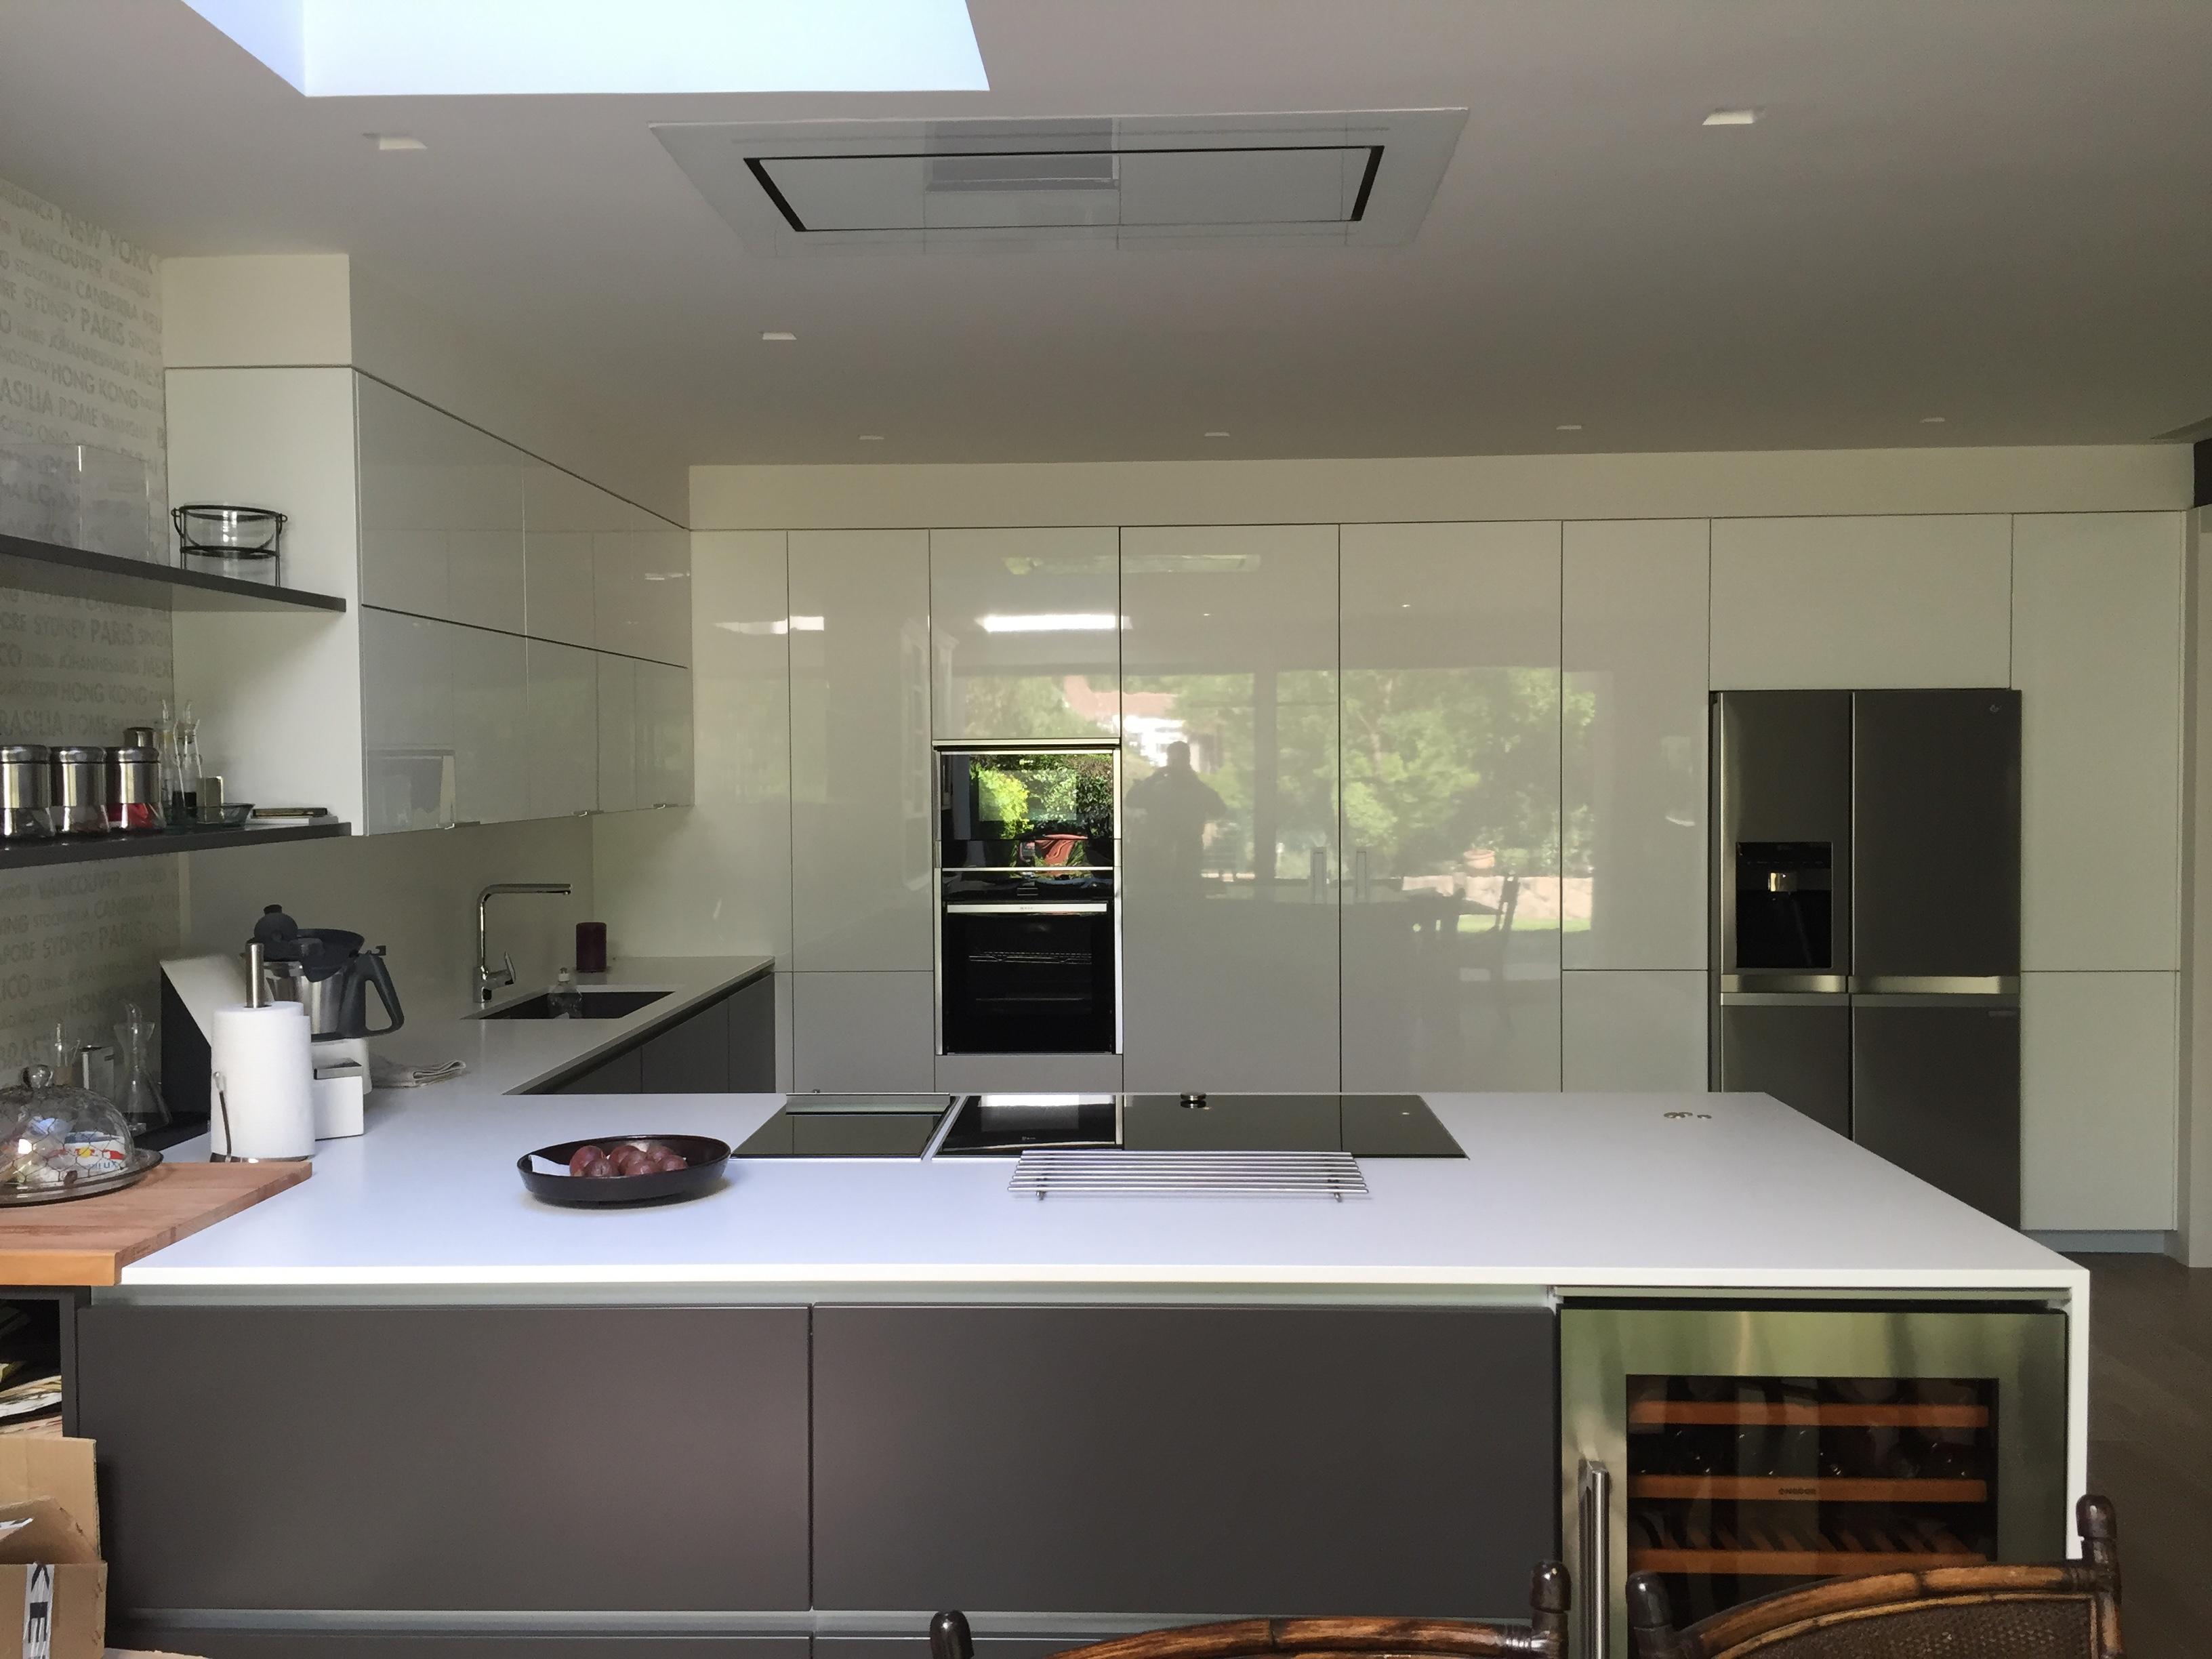 Una cocina contemporánea - Frecan